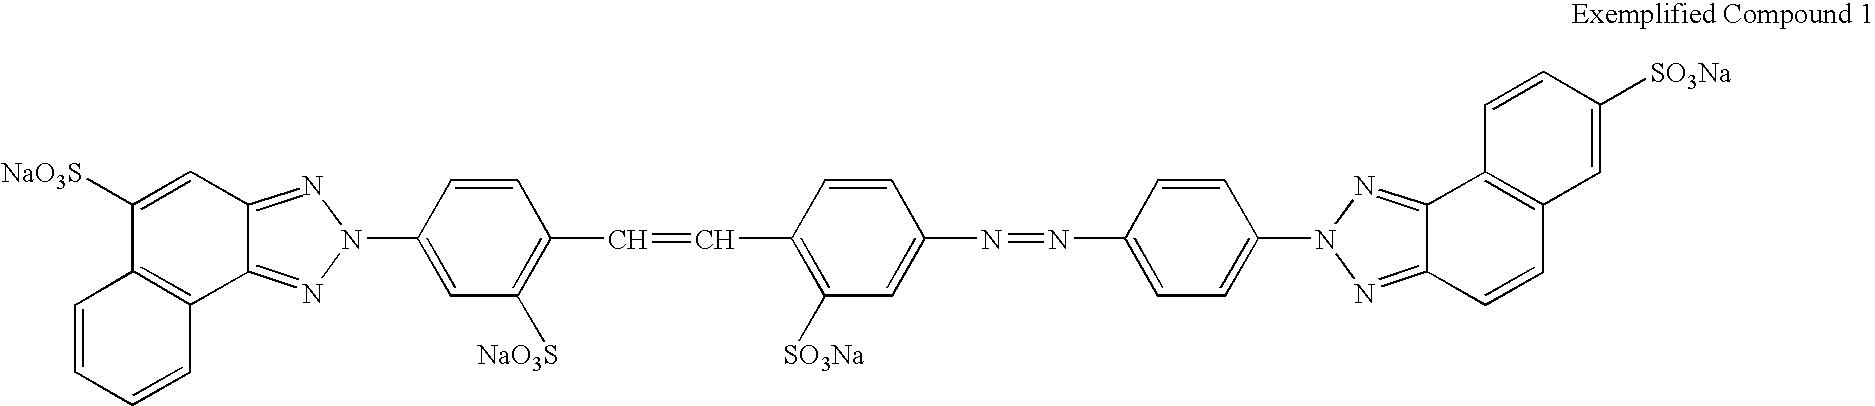 Figure US20060103705A1-20060518-C00003